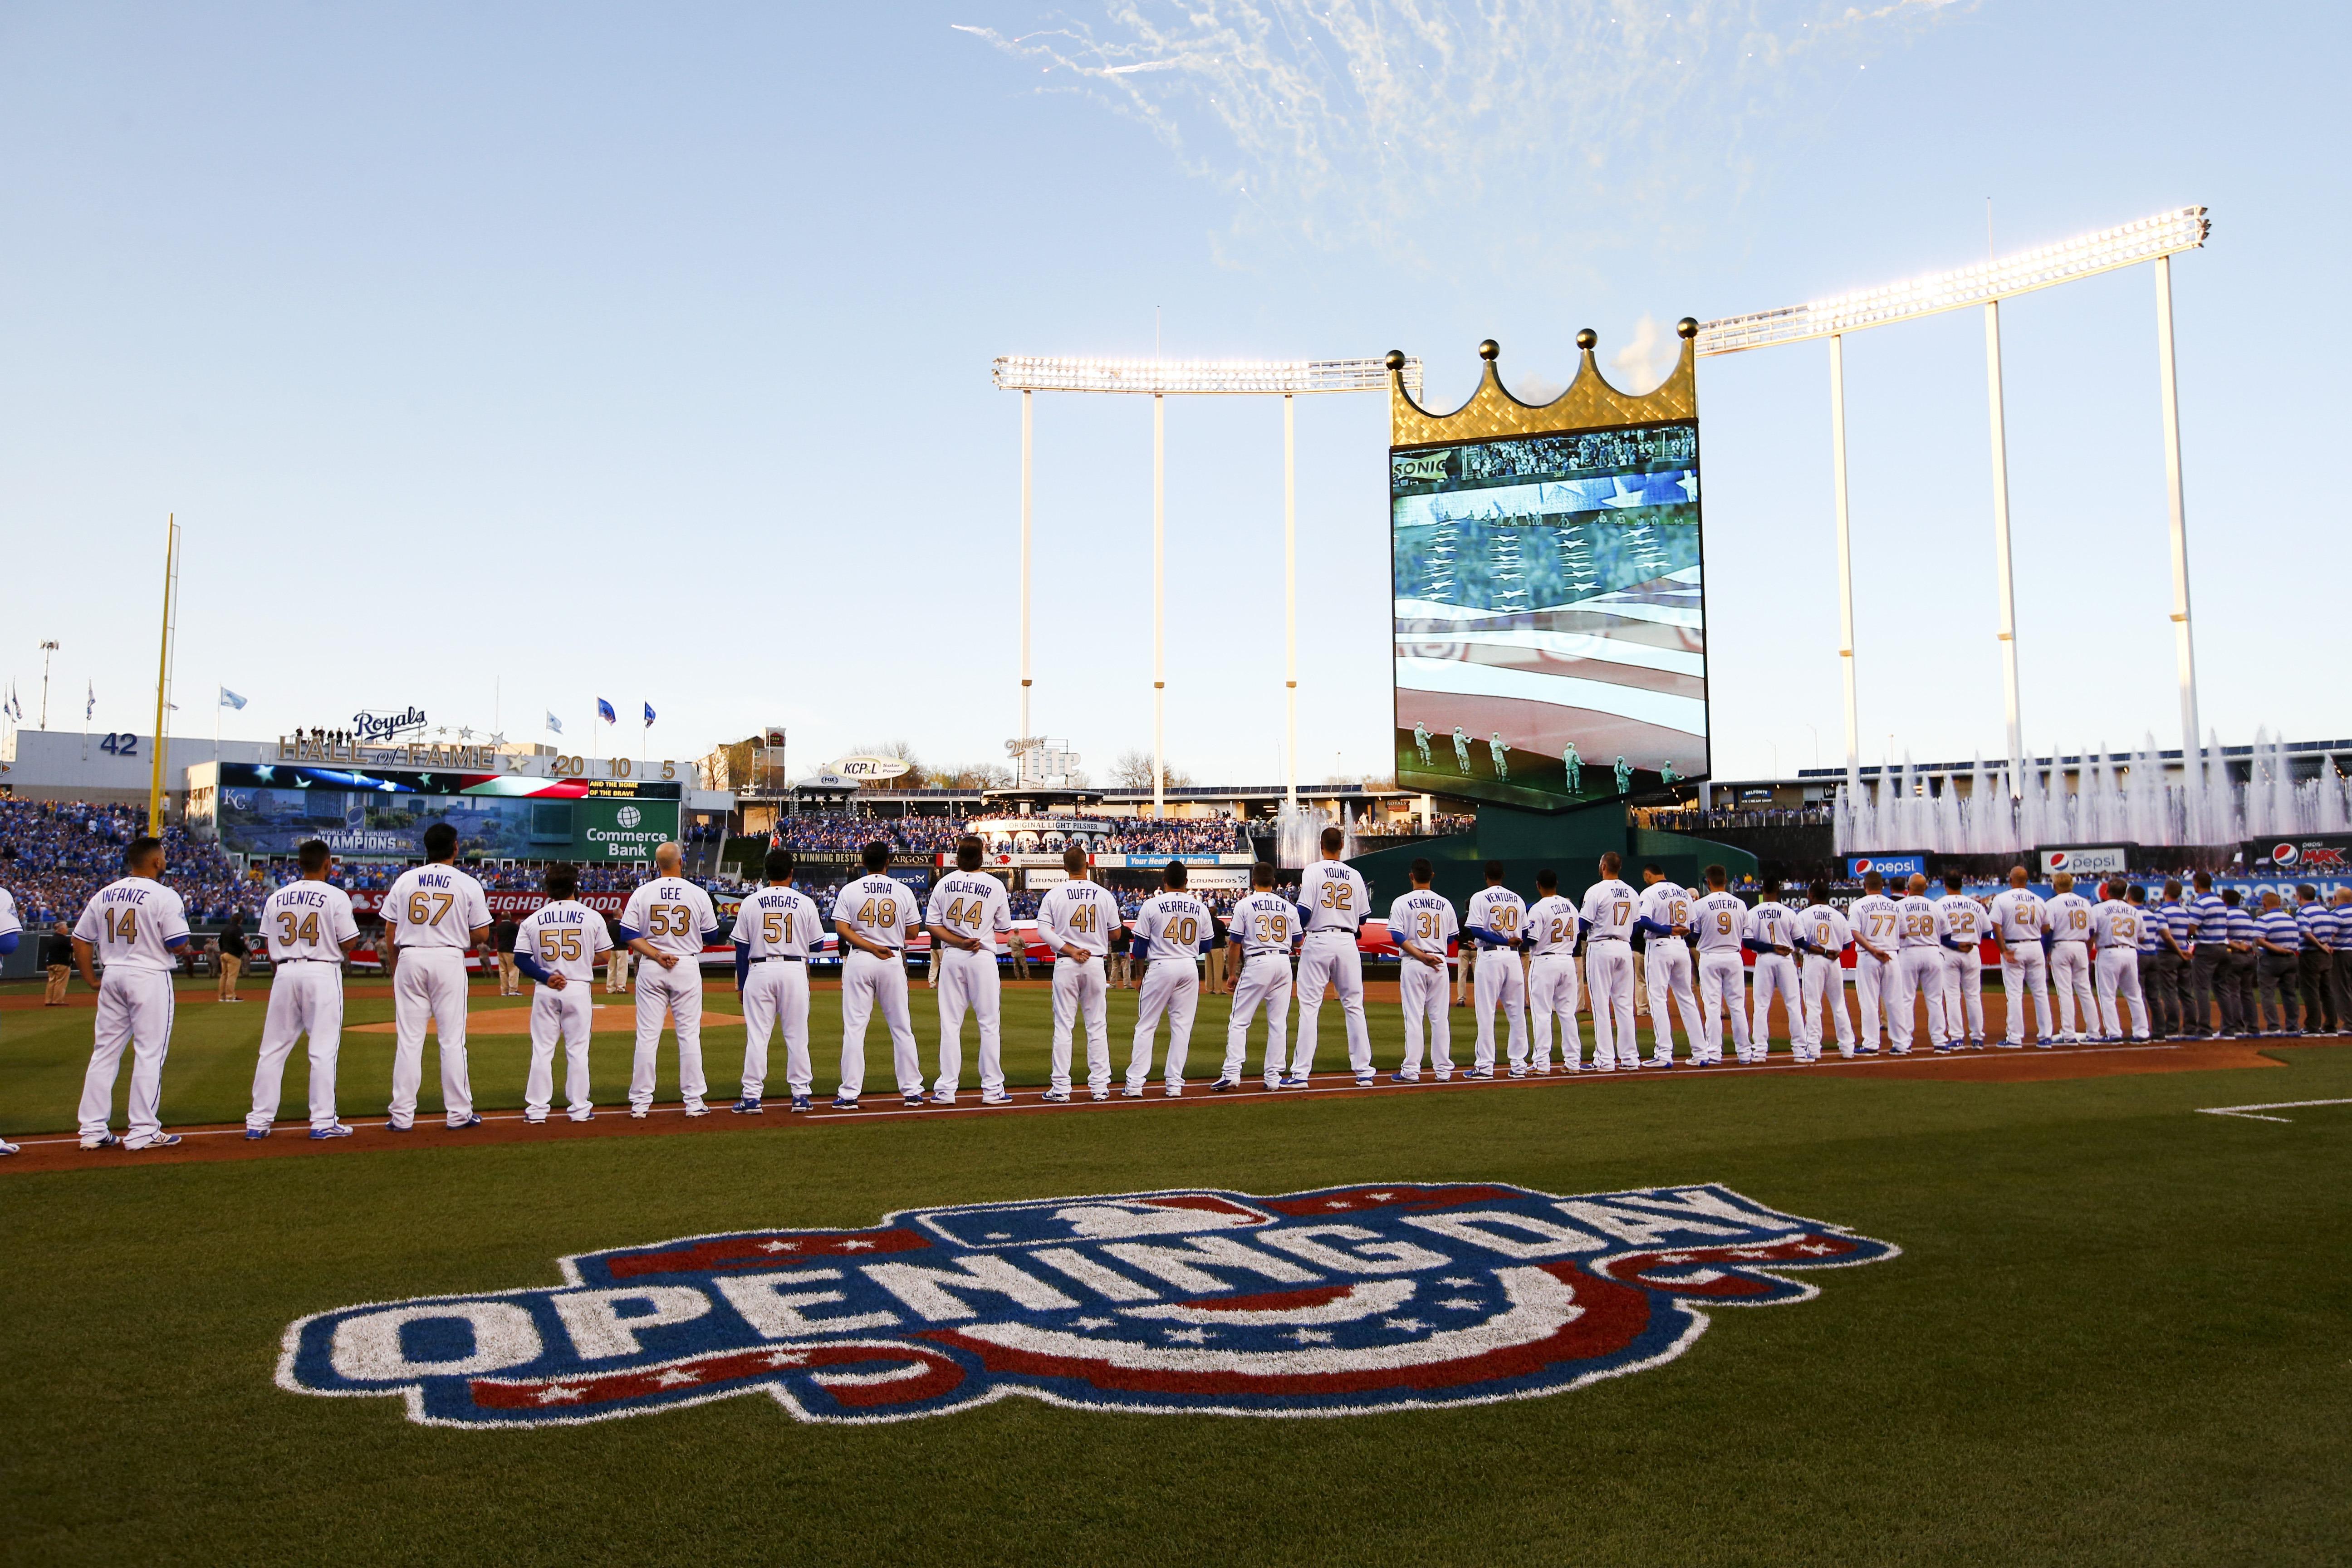 New York Mets v Kansas City Royals